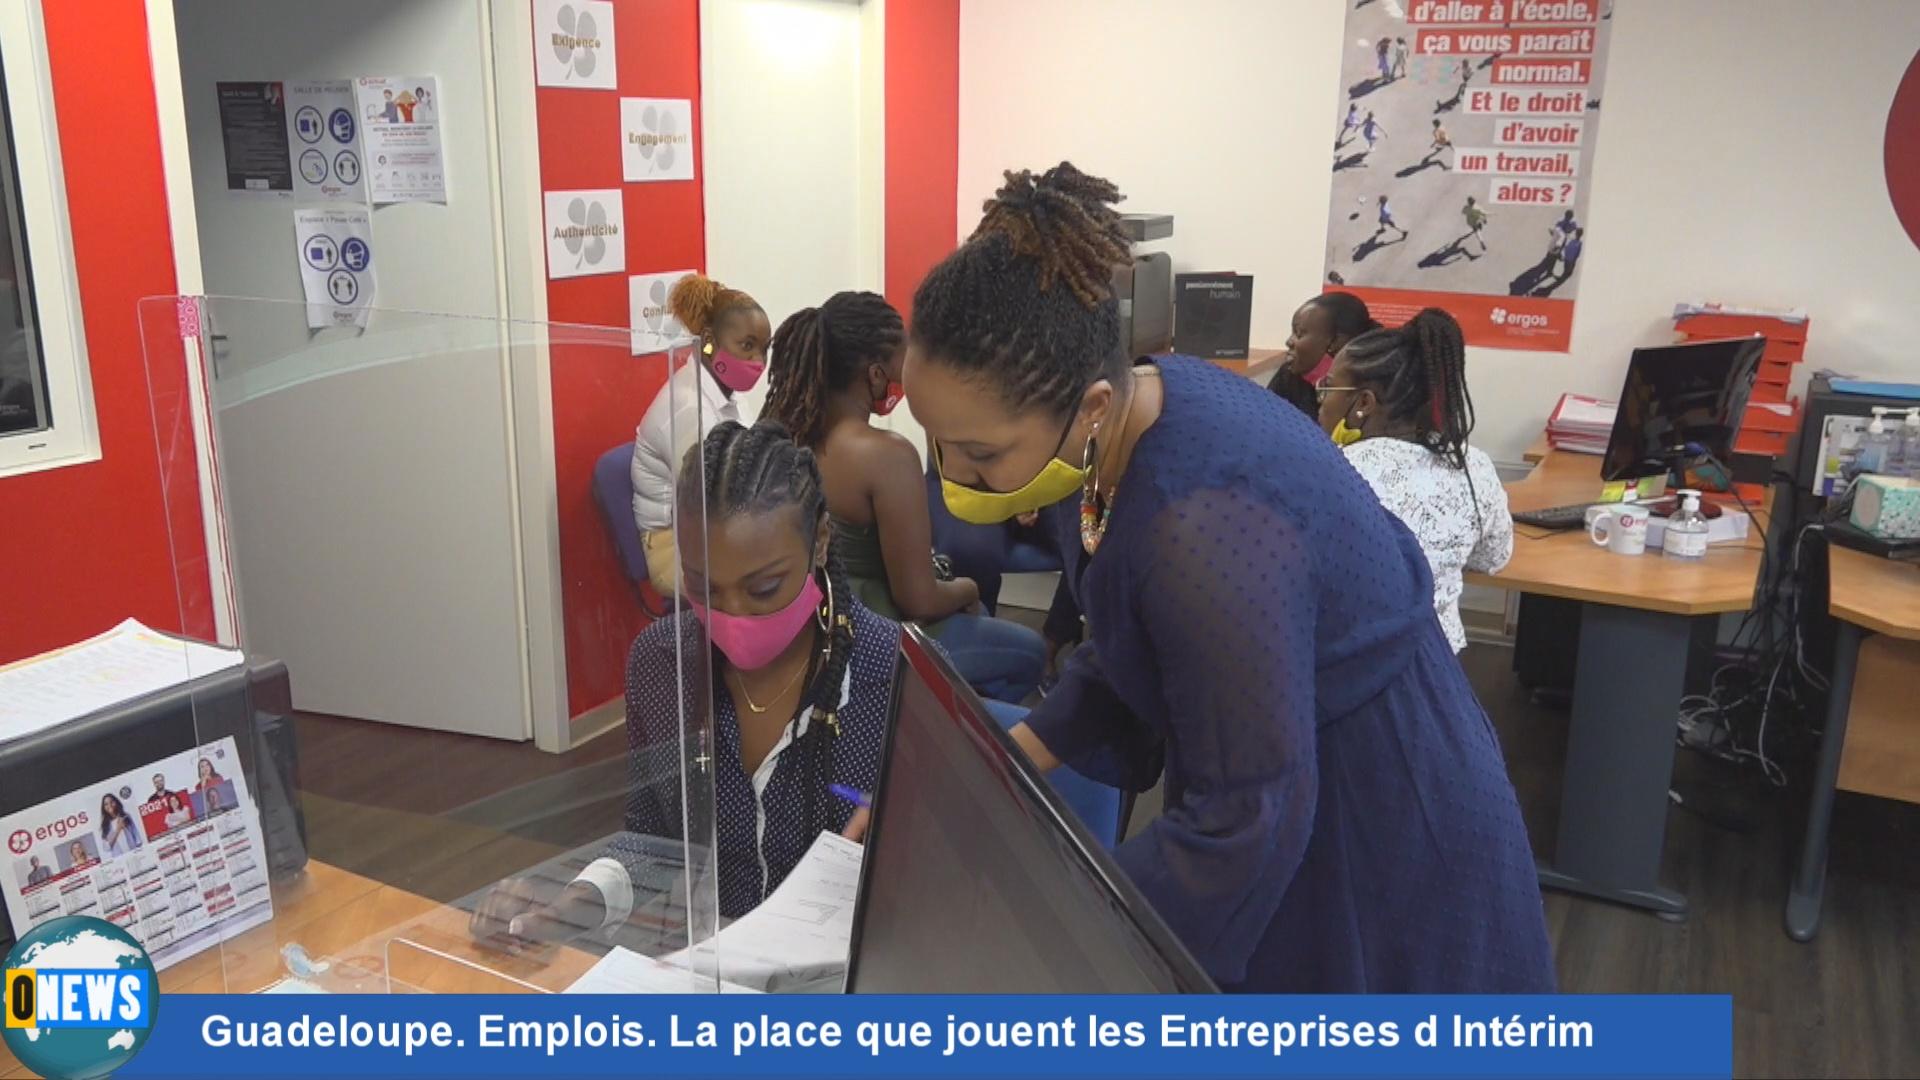 [Vidéo] Guadeloupe. Emplois. La place que jouent les Entreprises d Intérim